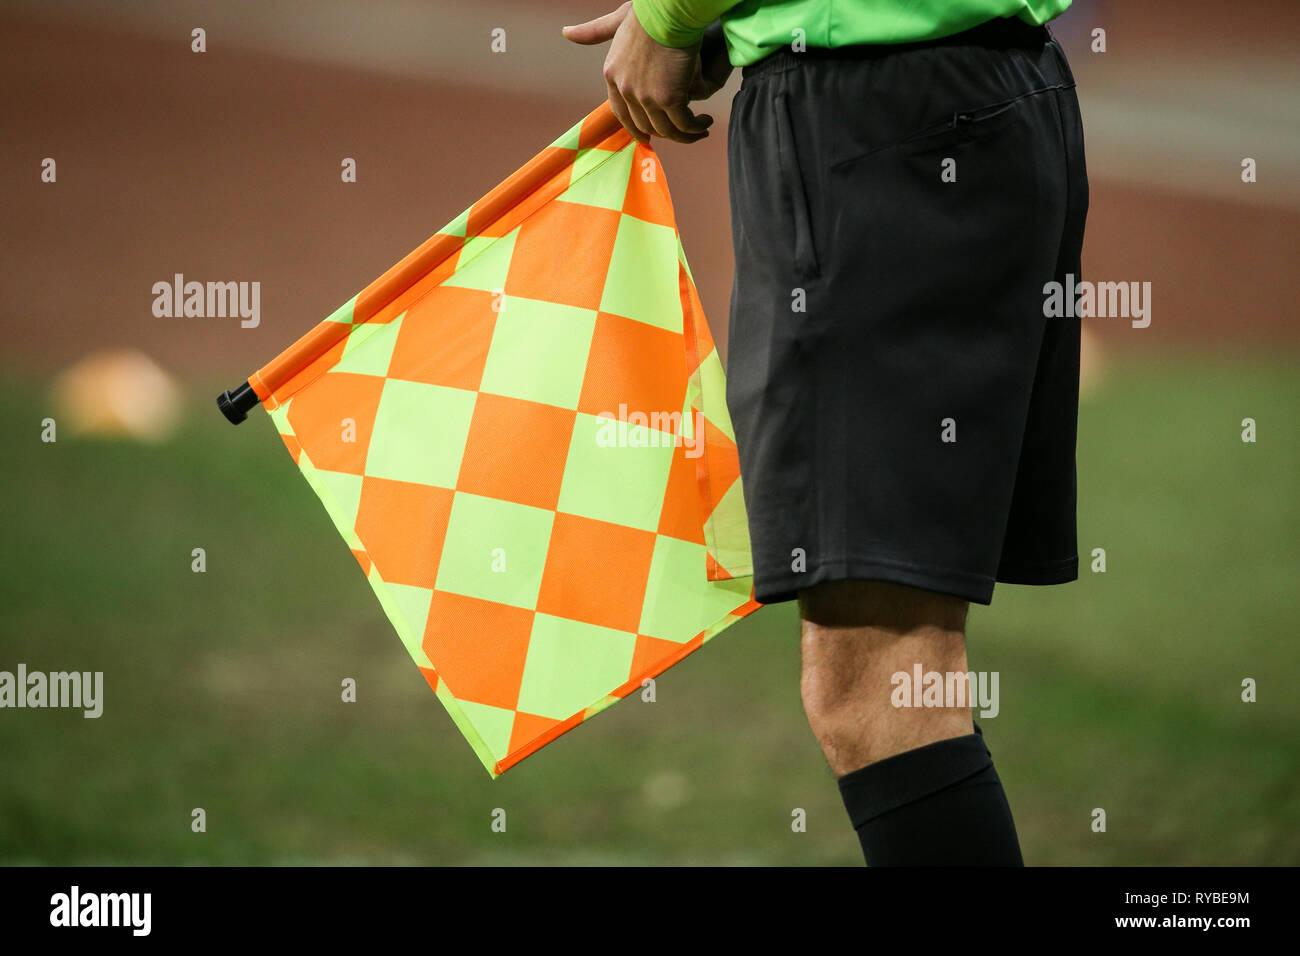 Détails d'un juge arbitre pendant un match de football Photo Stock